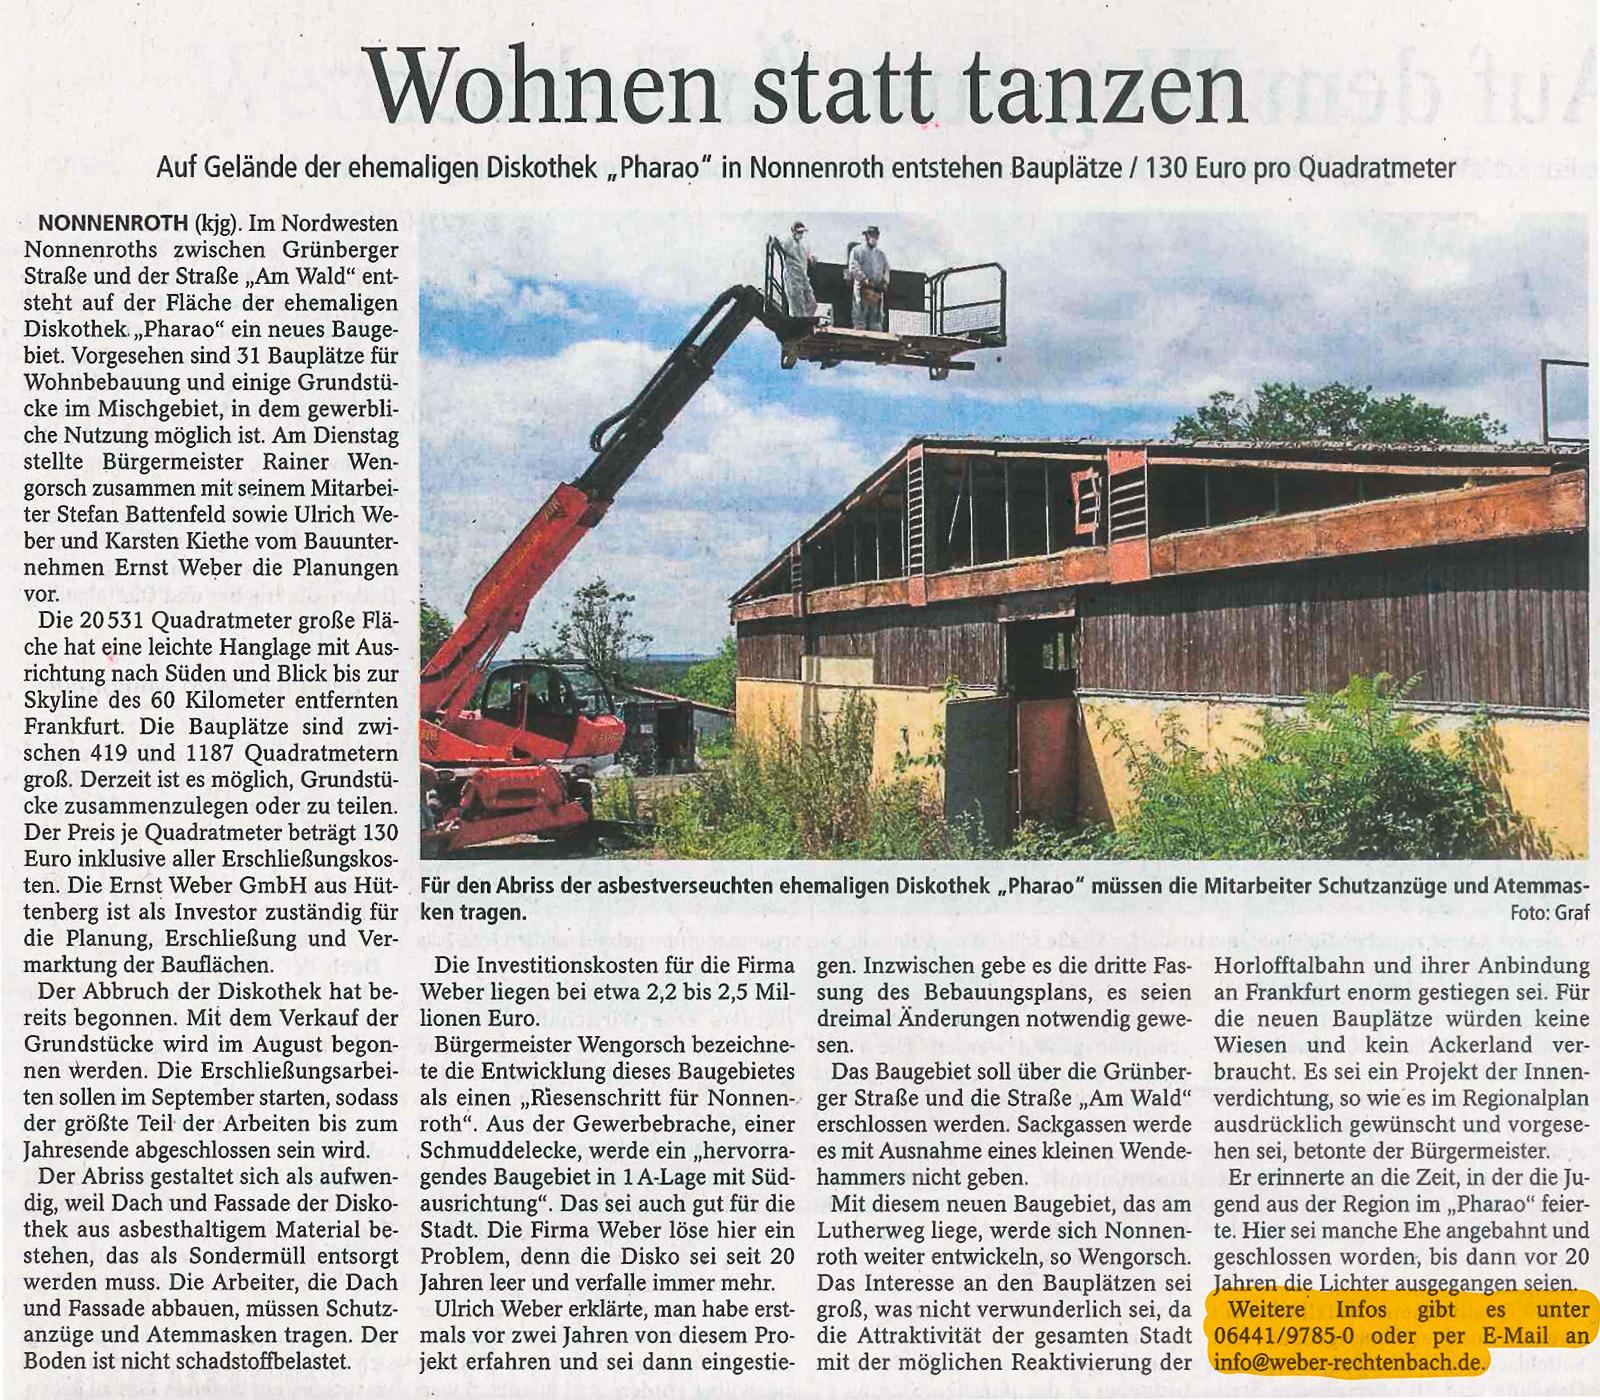 PR-Beitrag zur Errichtung des Baugebietes in Nonnenroth